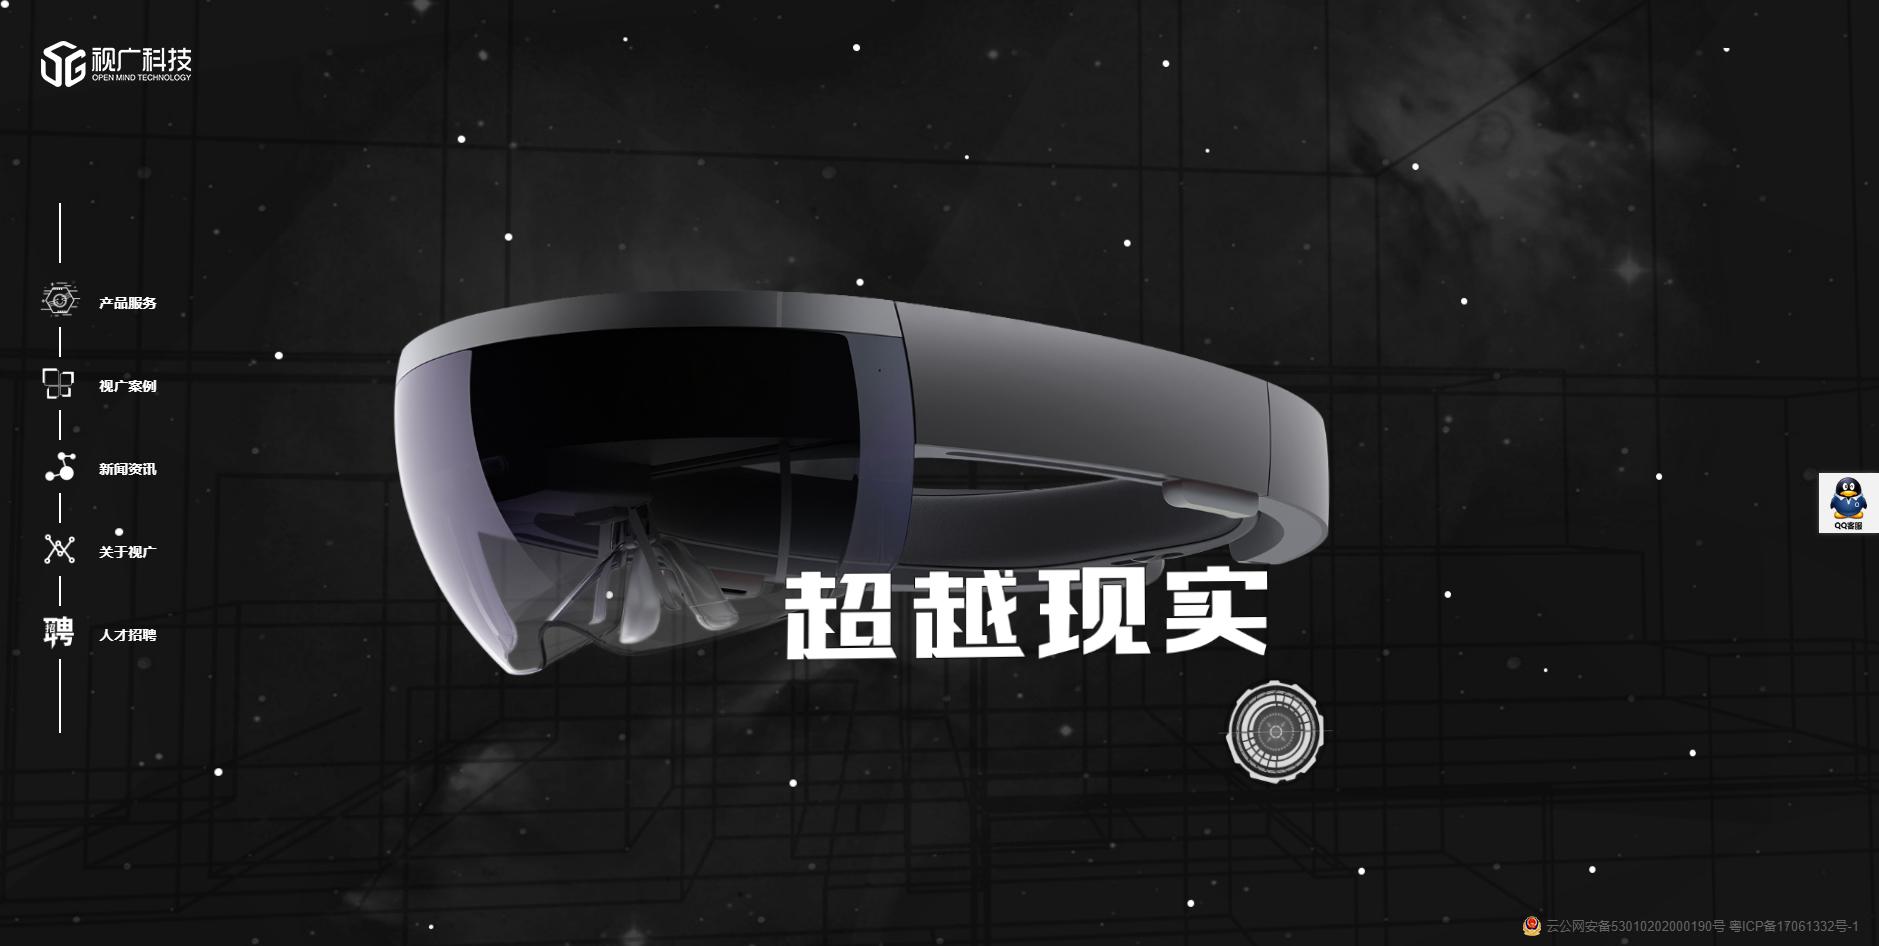 云南视广科技官网